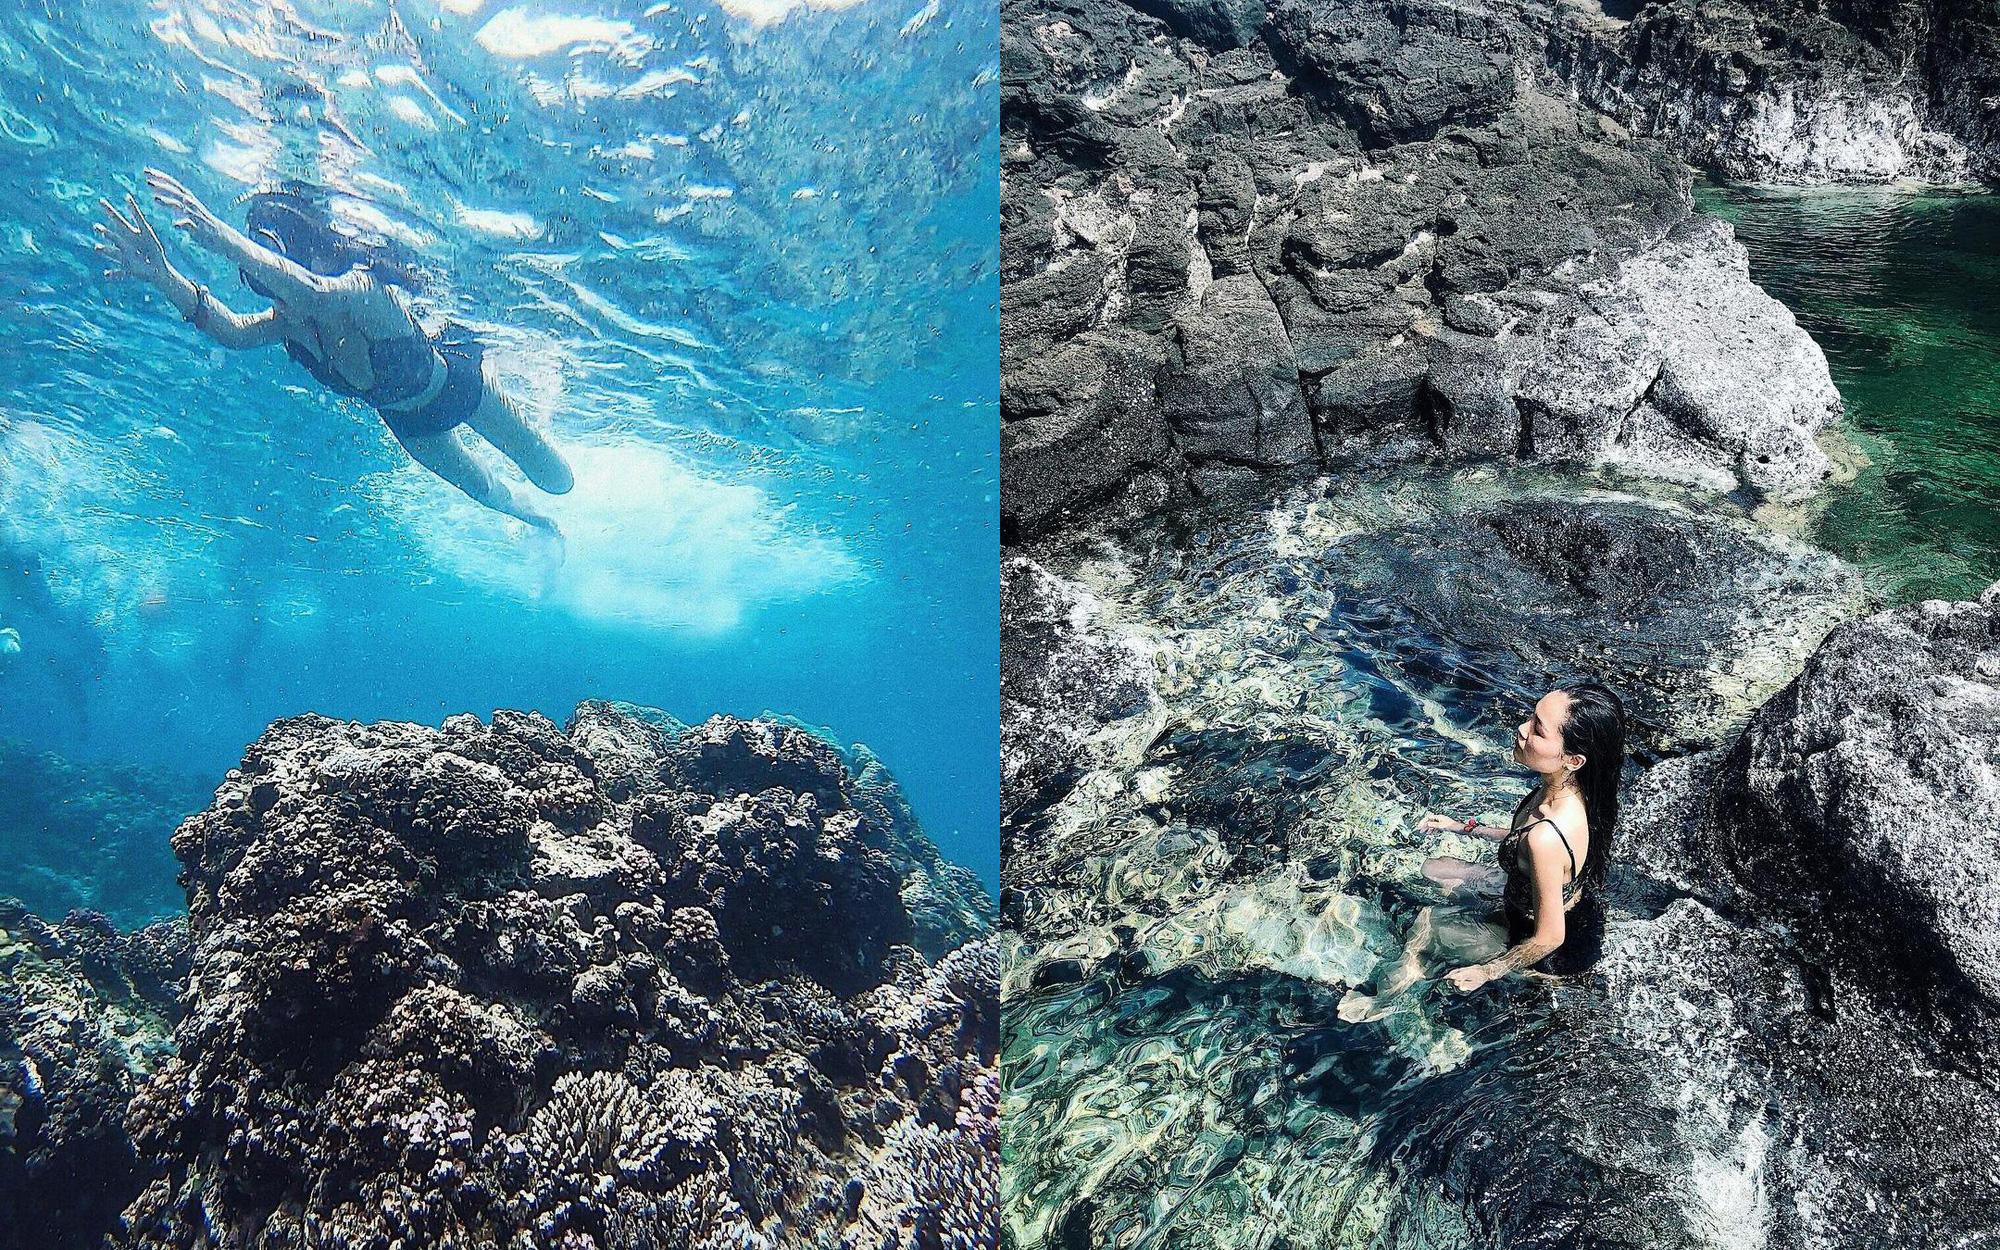 Bình Thuận: Hồ bơi tự nhiên nổi trên biển đẹp như trời Âu  - Ảnh 5.